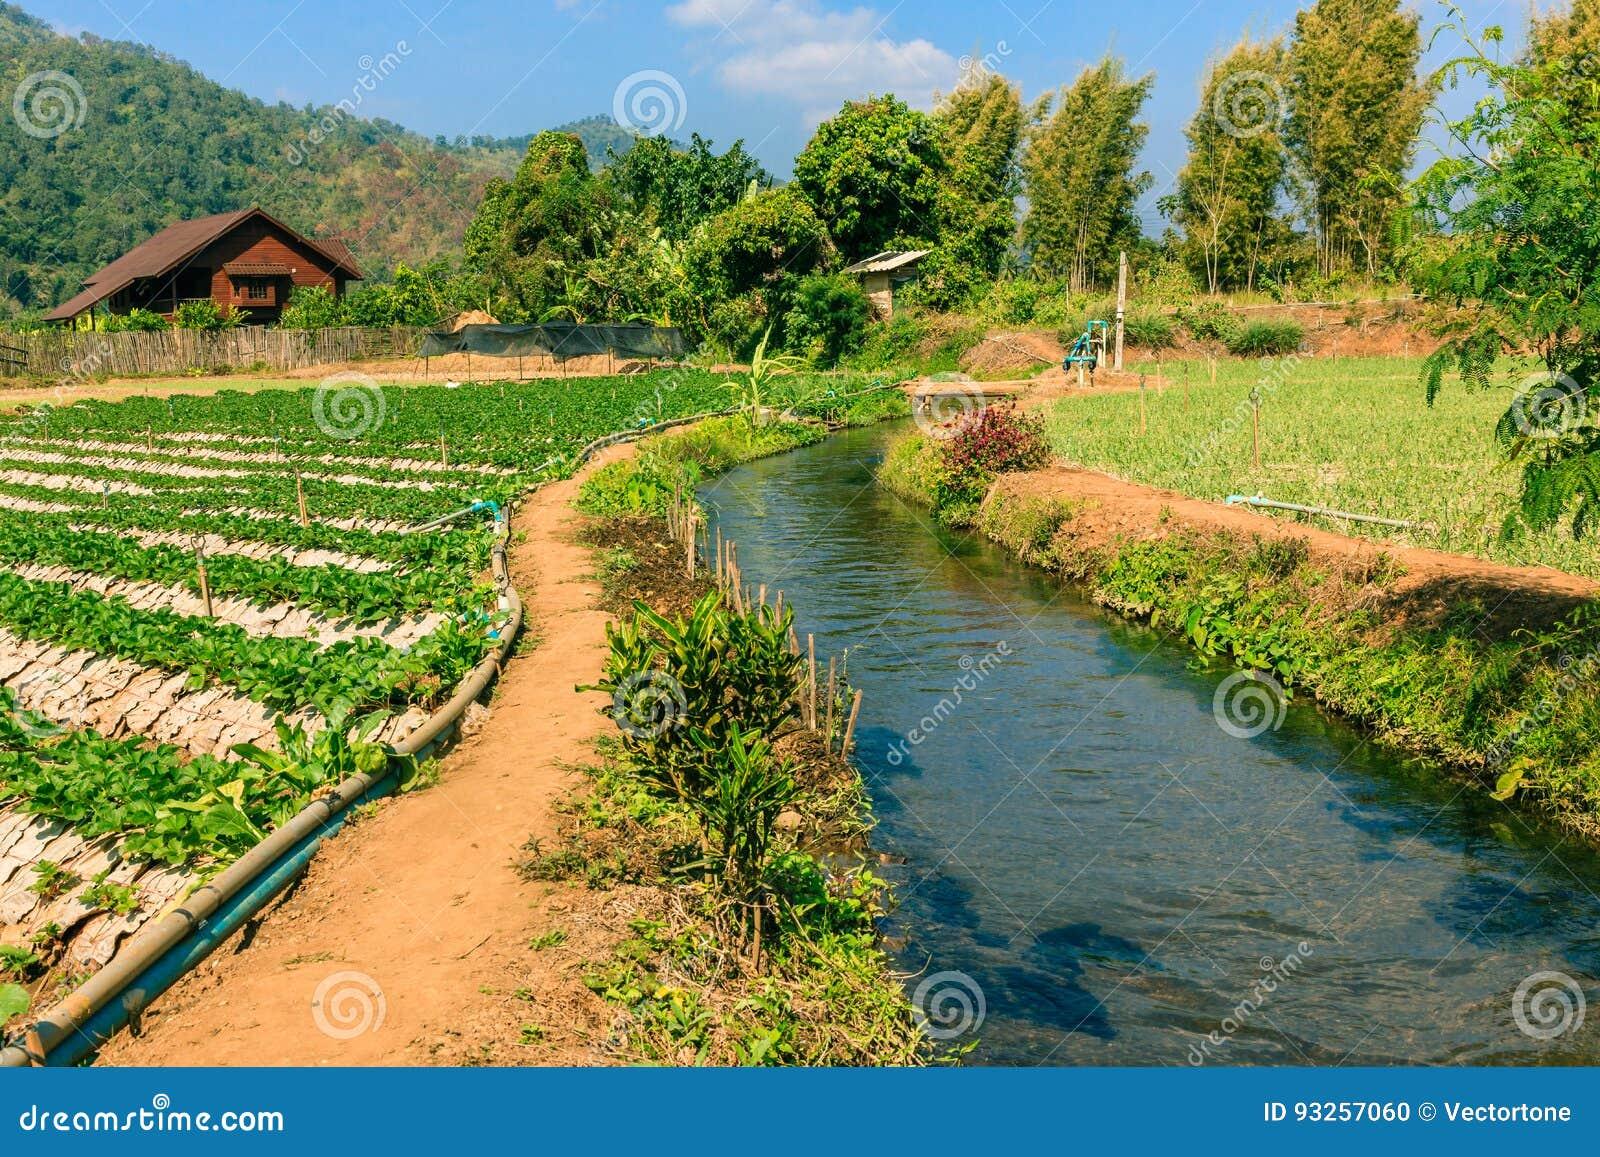 混合有机农场和灌溉系统的农业领域